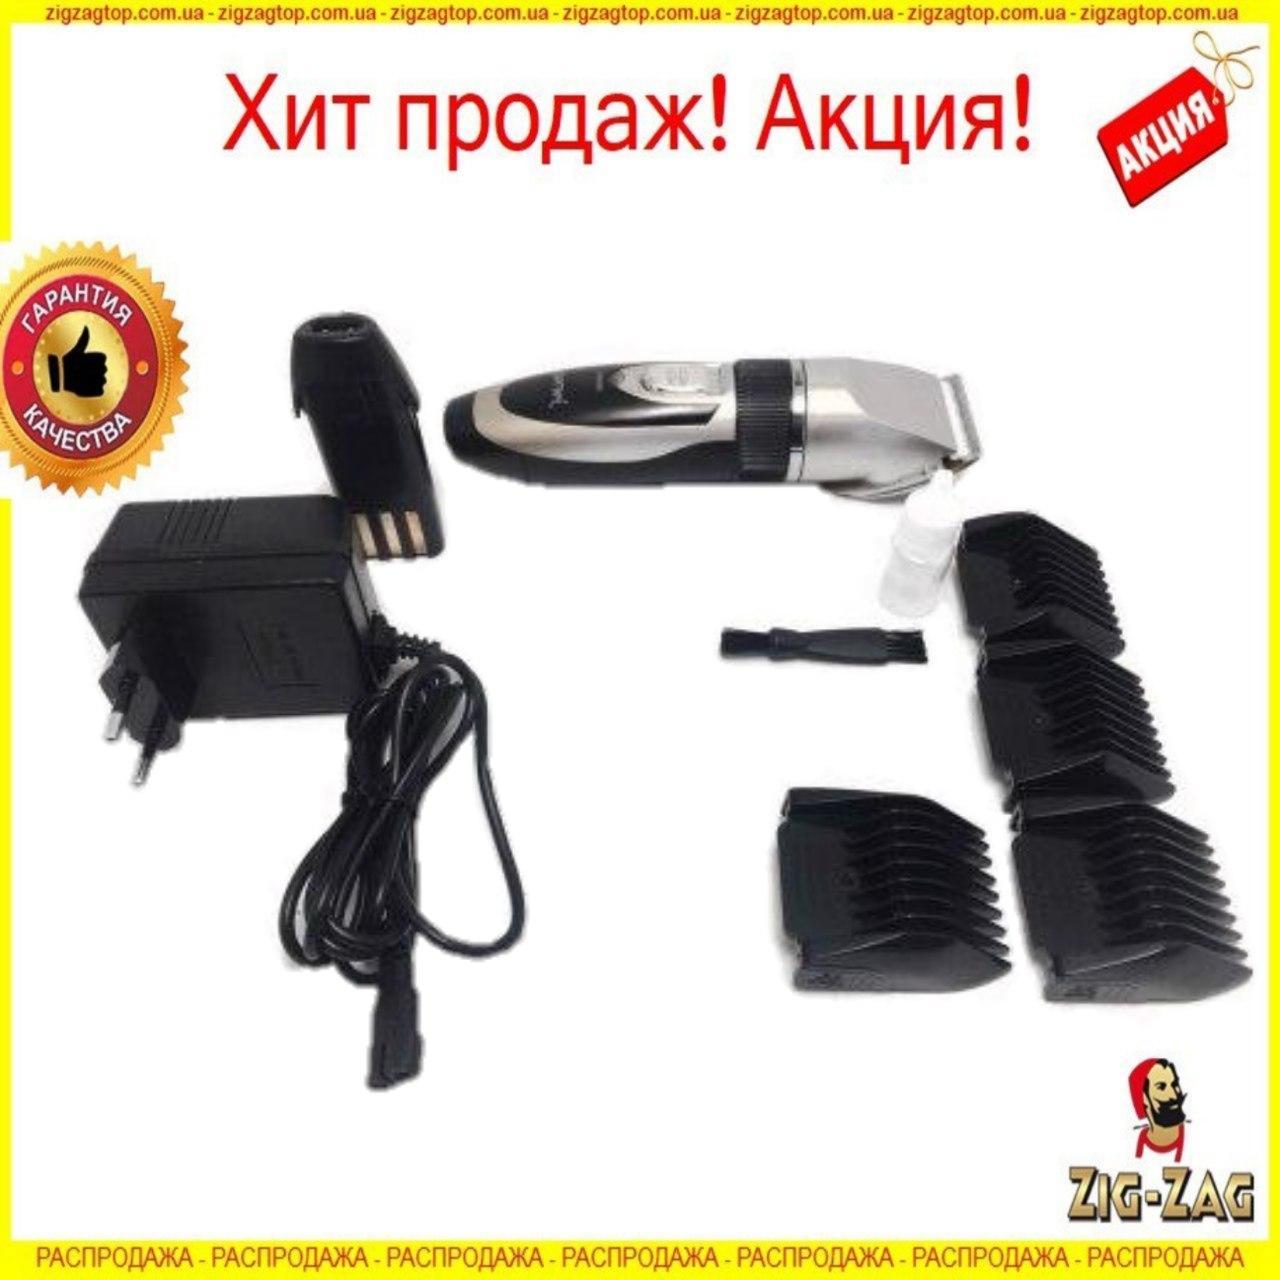 Профессиональная Аккумуляторная Машинка для Стрижки волос GEMEI GM-6066 мужская с насадками 100% КАЧЕСТВО